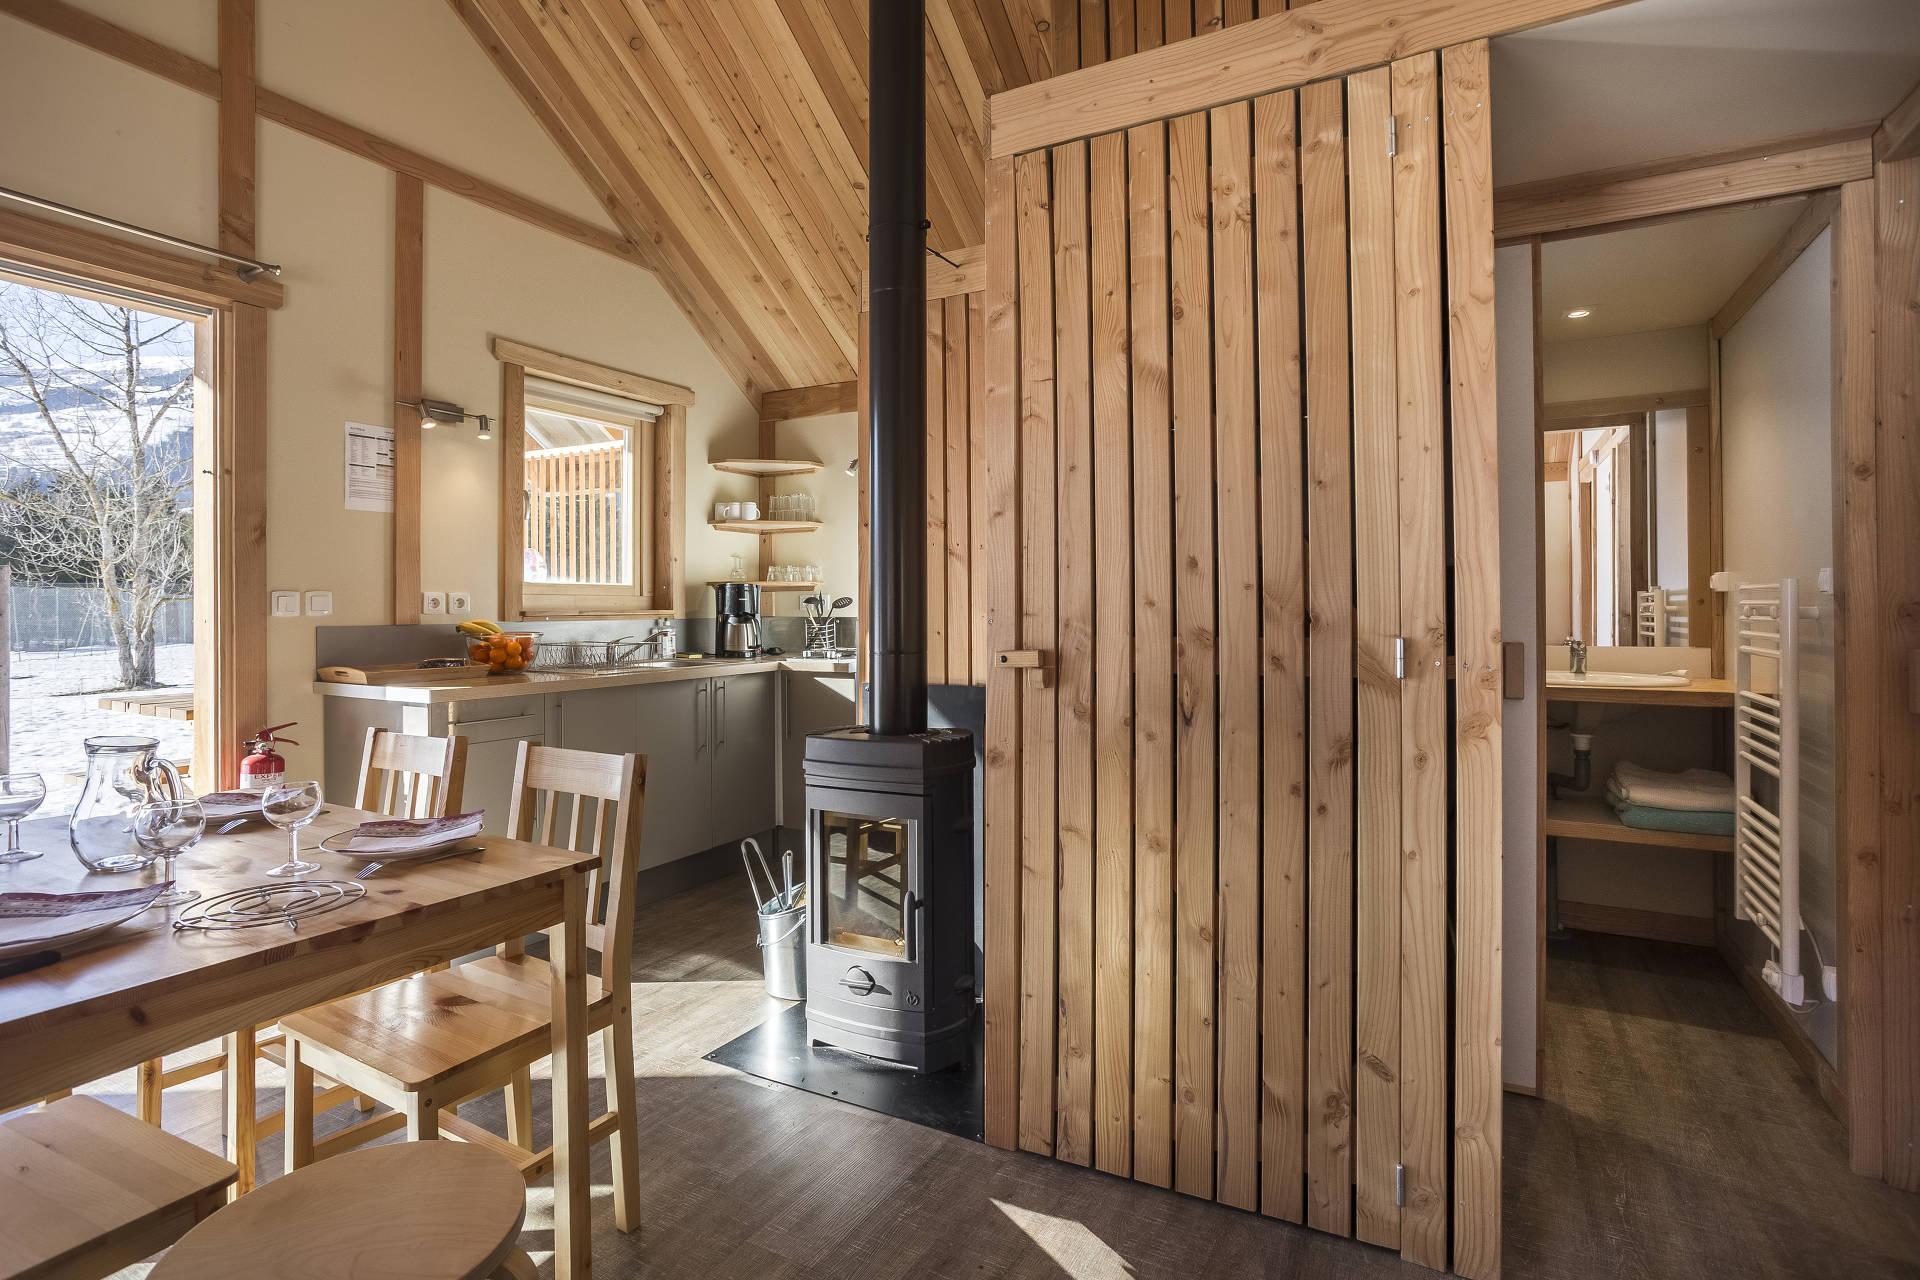 Berghütte mit Einrichtung und Holzöbeln von innen